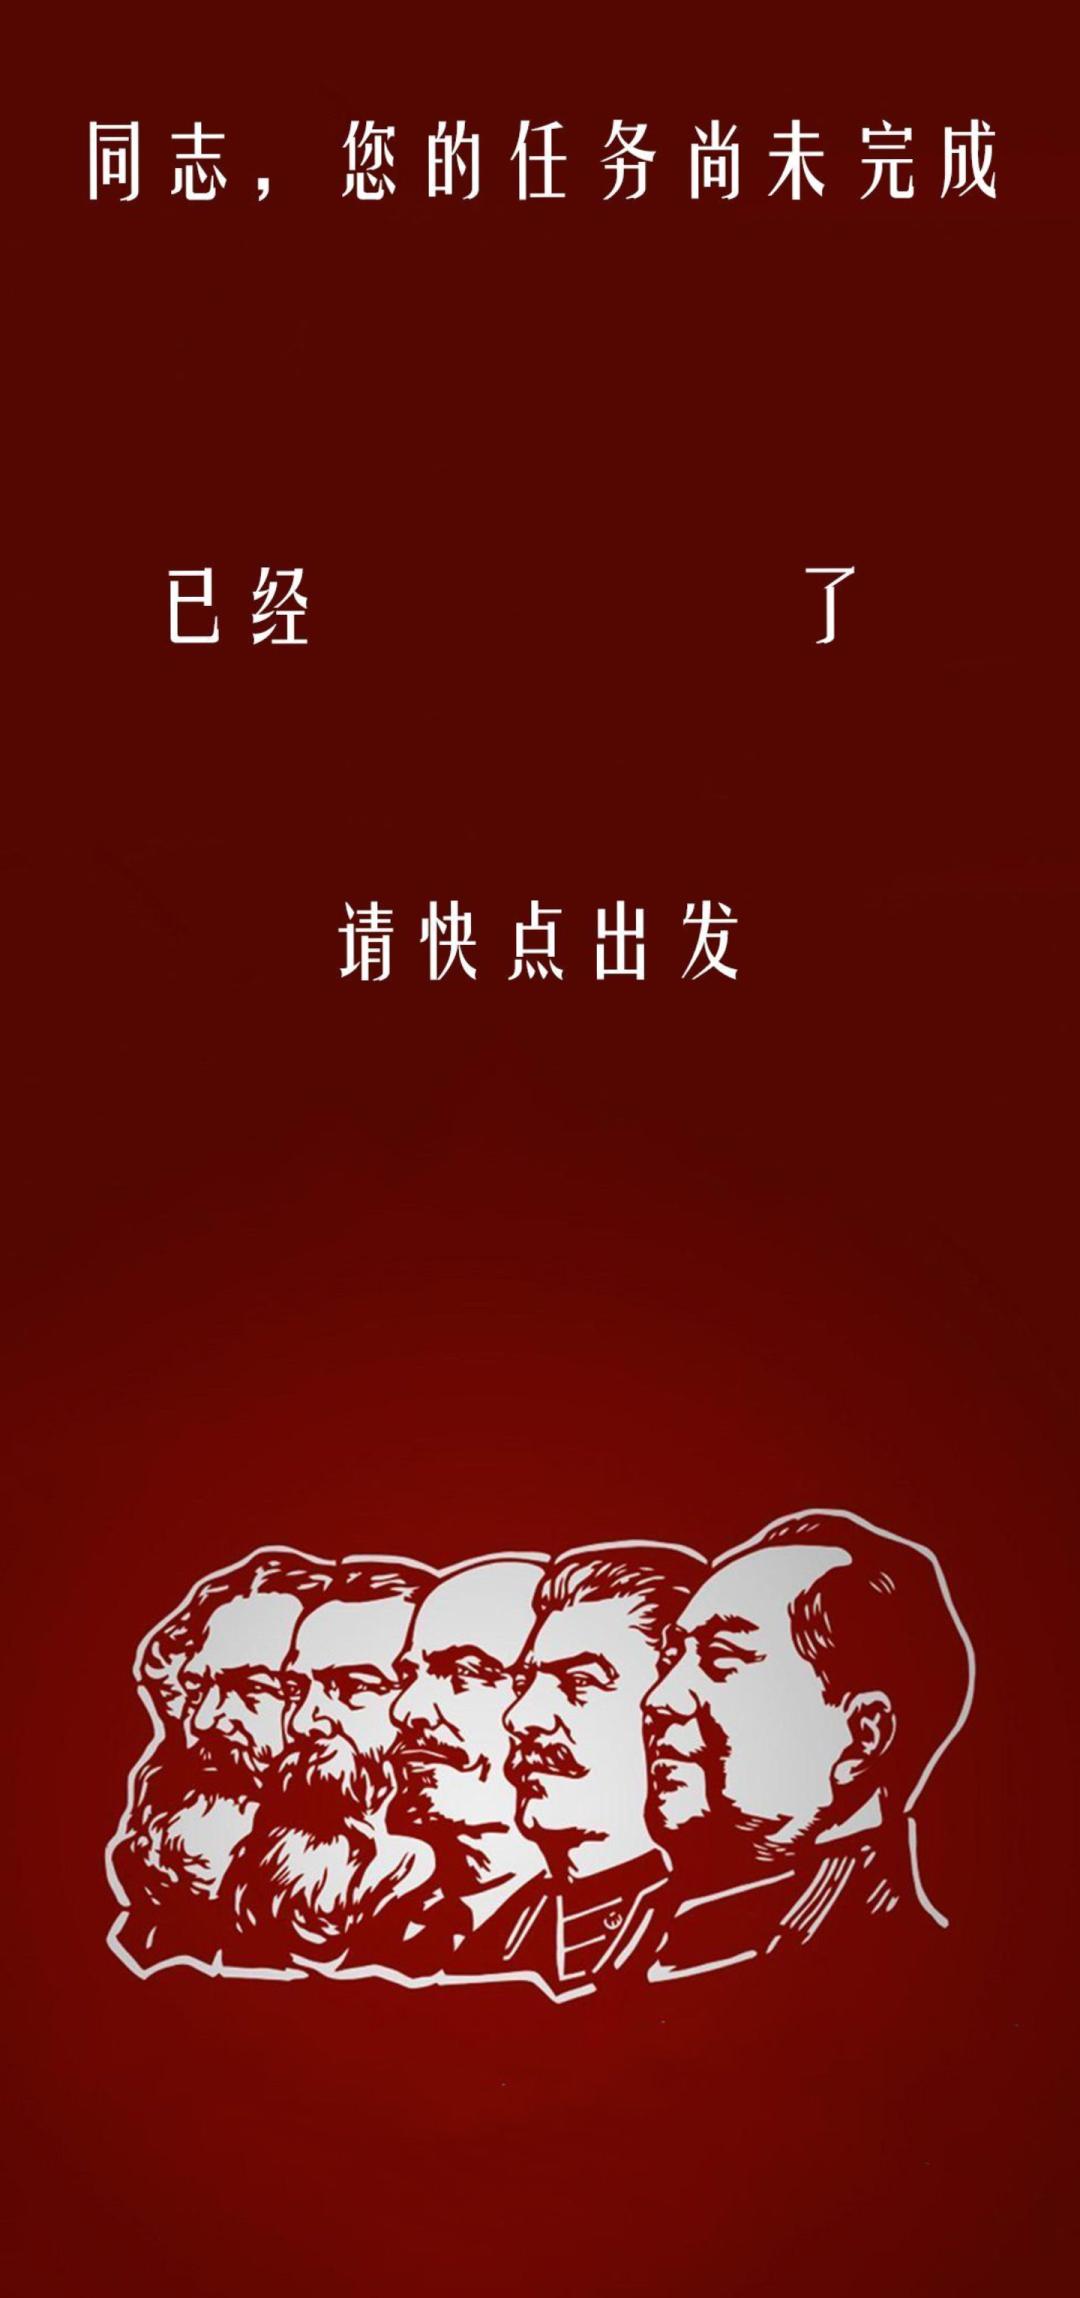 手机壁纸:同志,您的任务尚未完成!请快点出发!插图3